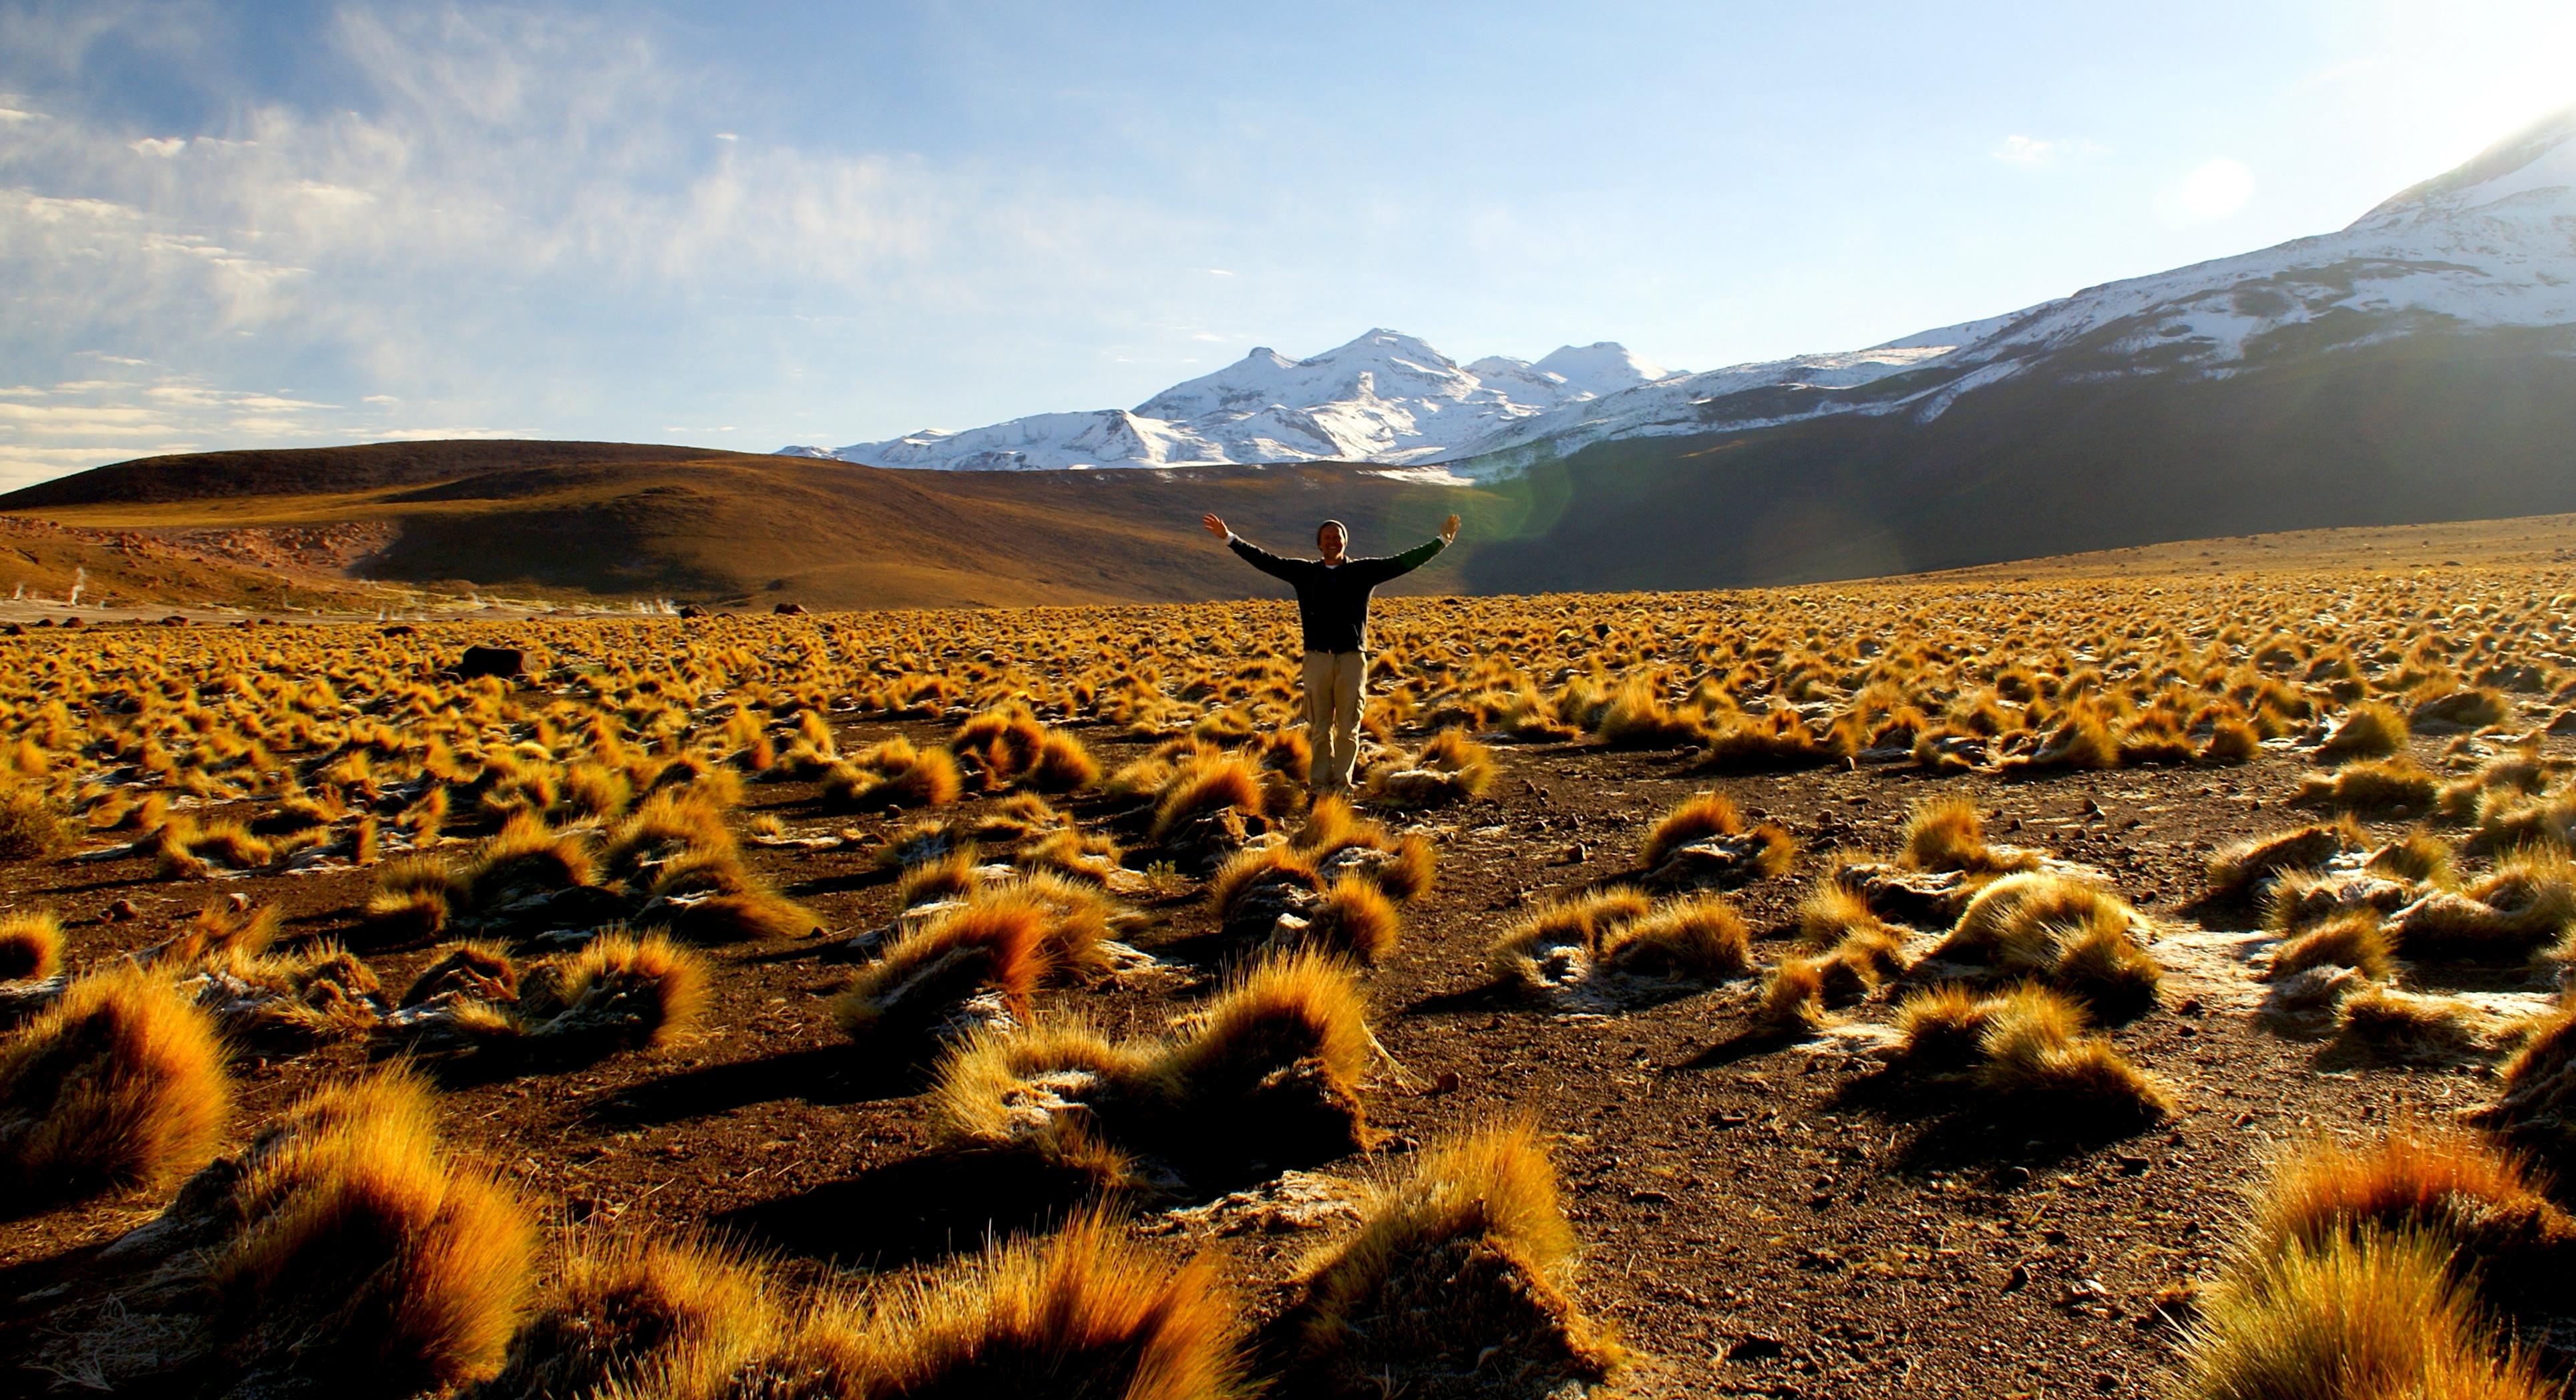 Ken Marshall in Patagonia